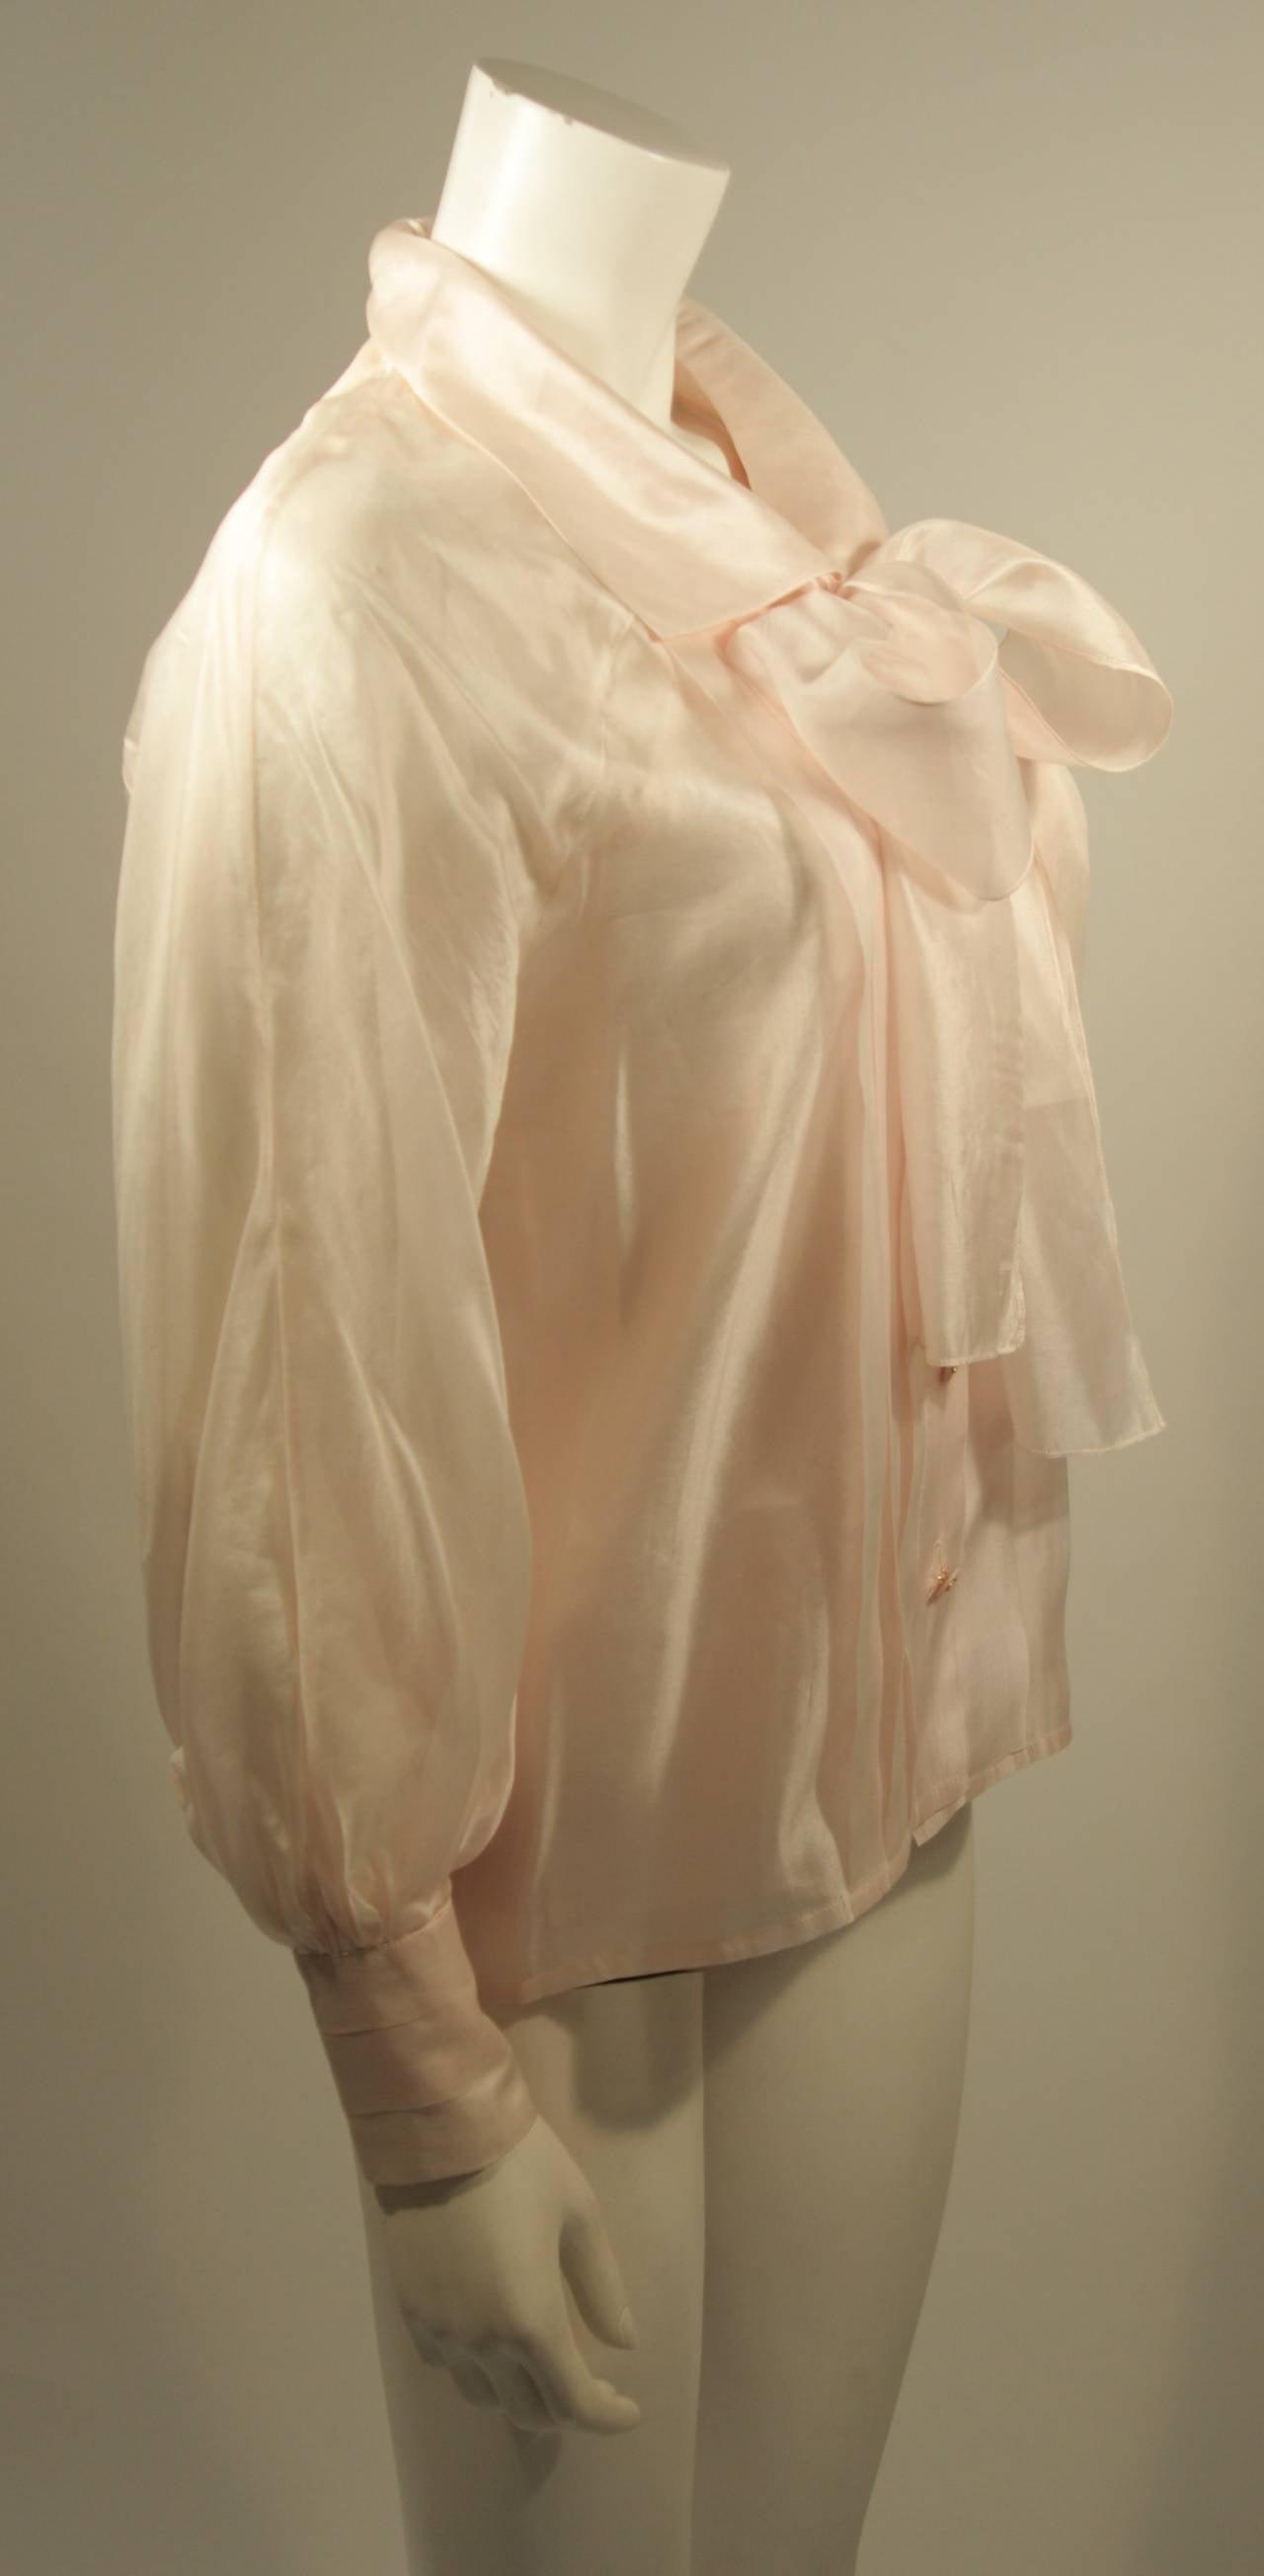 Chanel 3 Piece Pink Silk Organza Tie Neck Blouse & Camisole Set Size 36 6